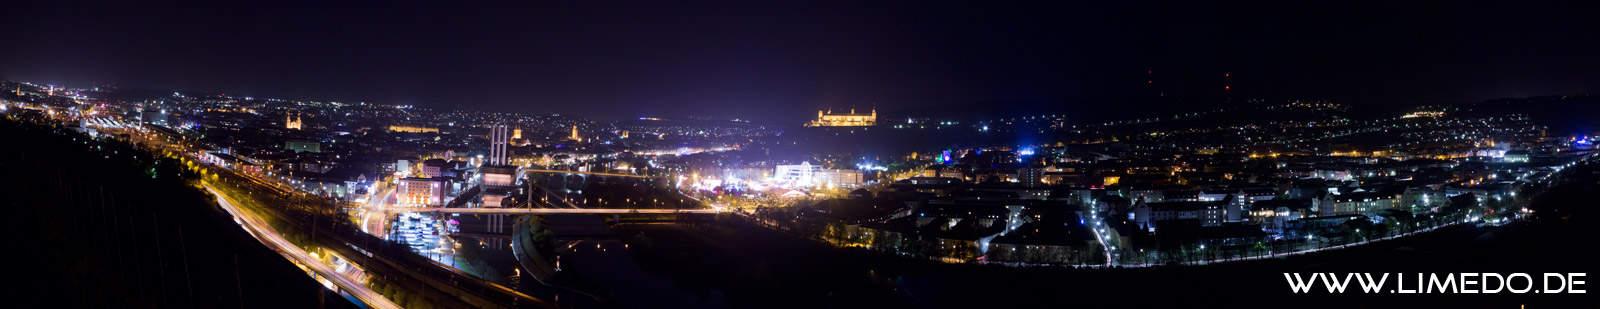 panorama_wuerzburg